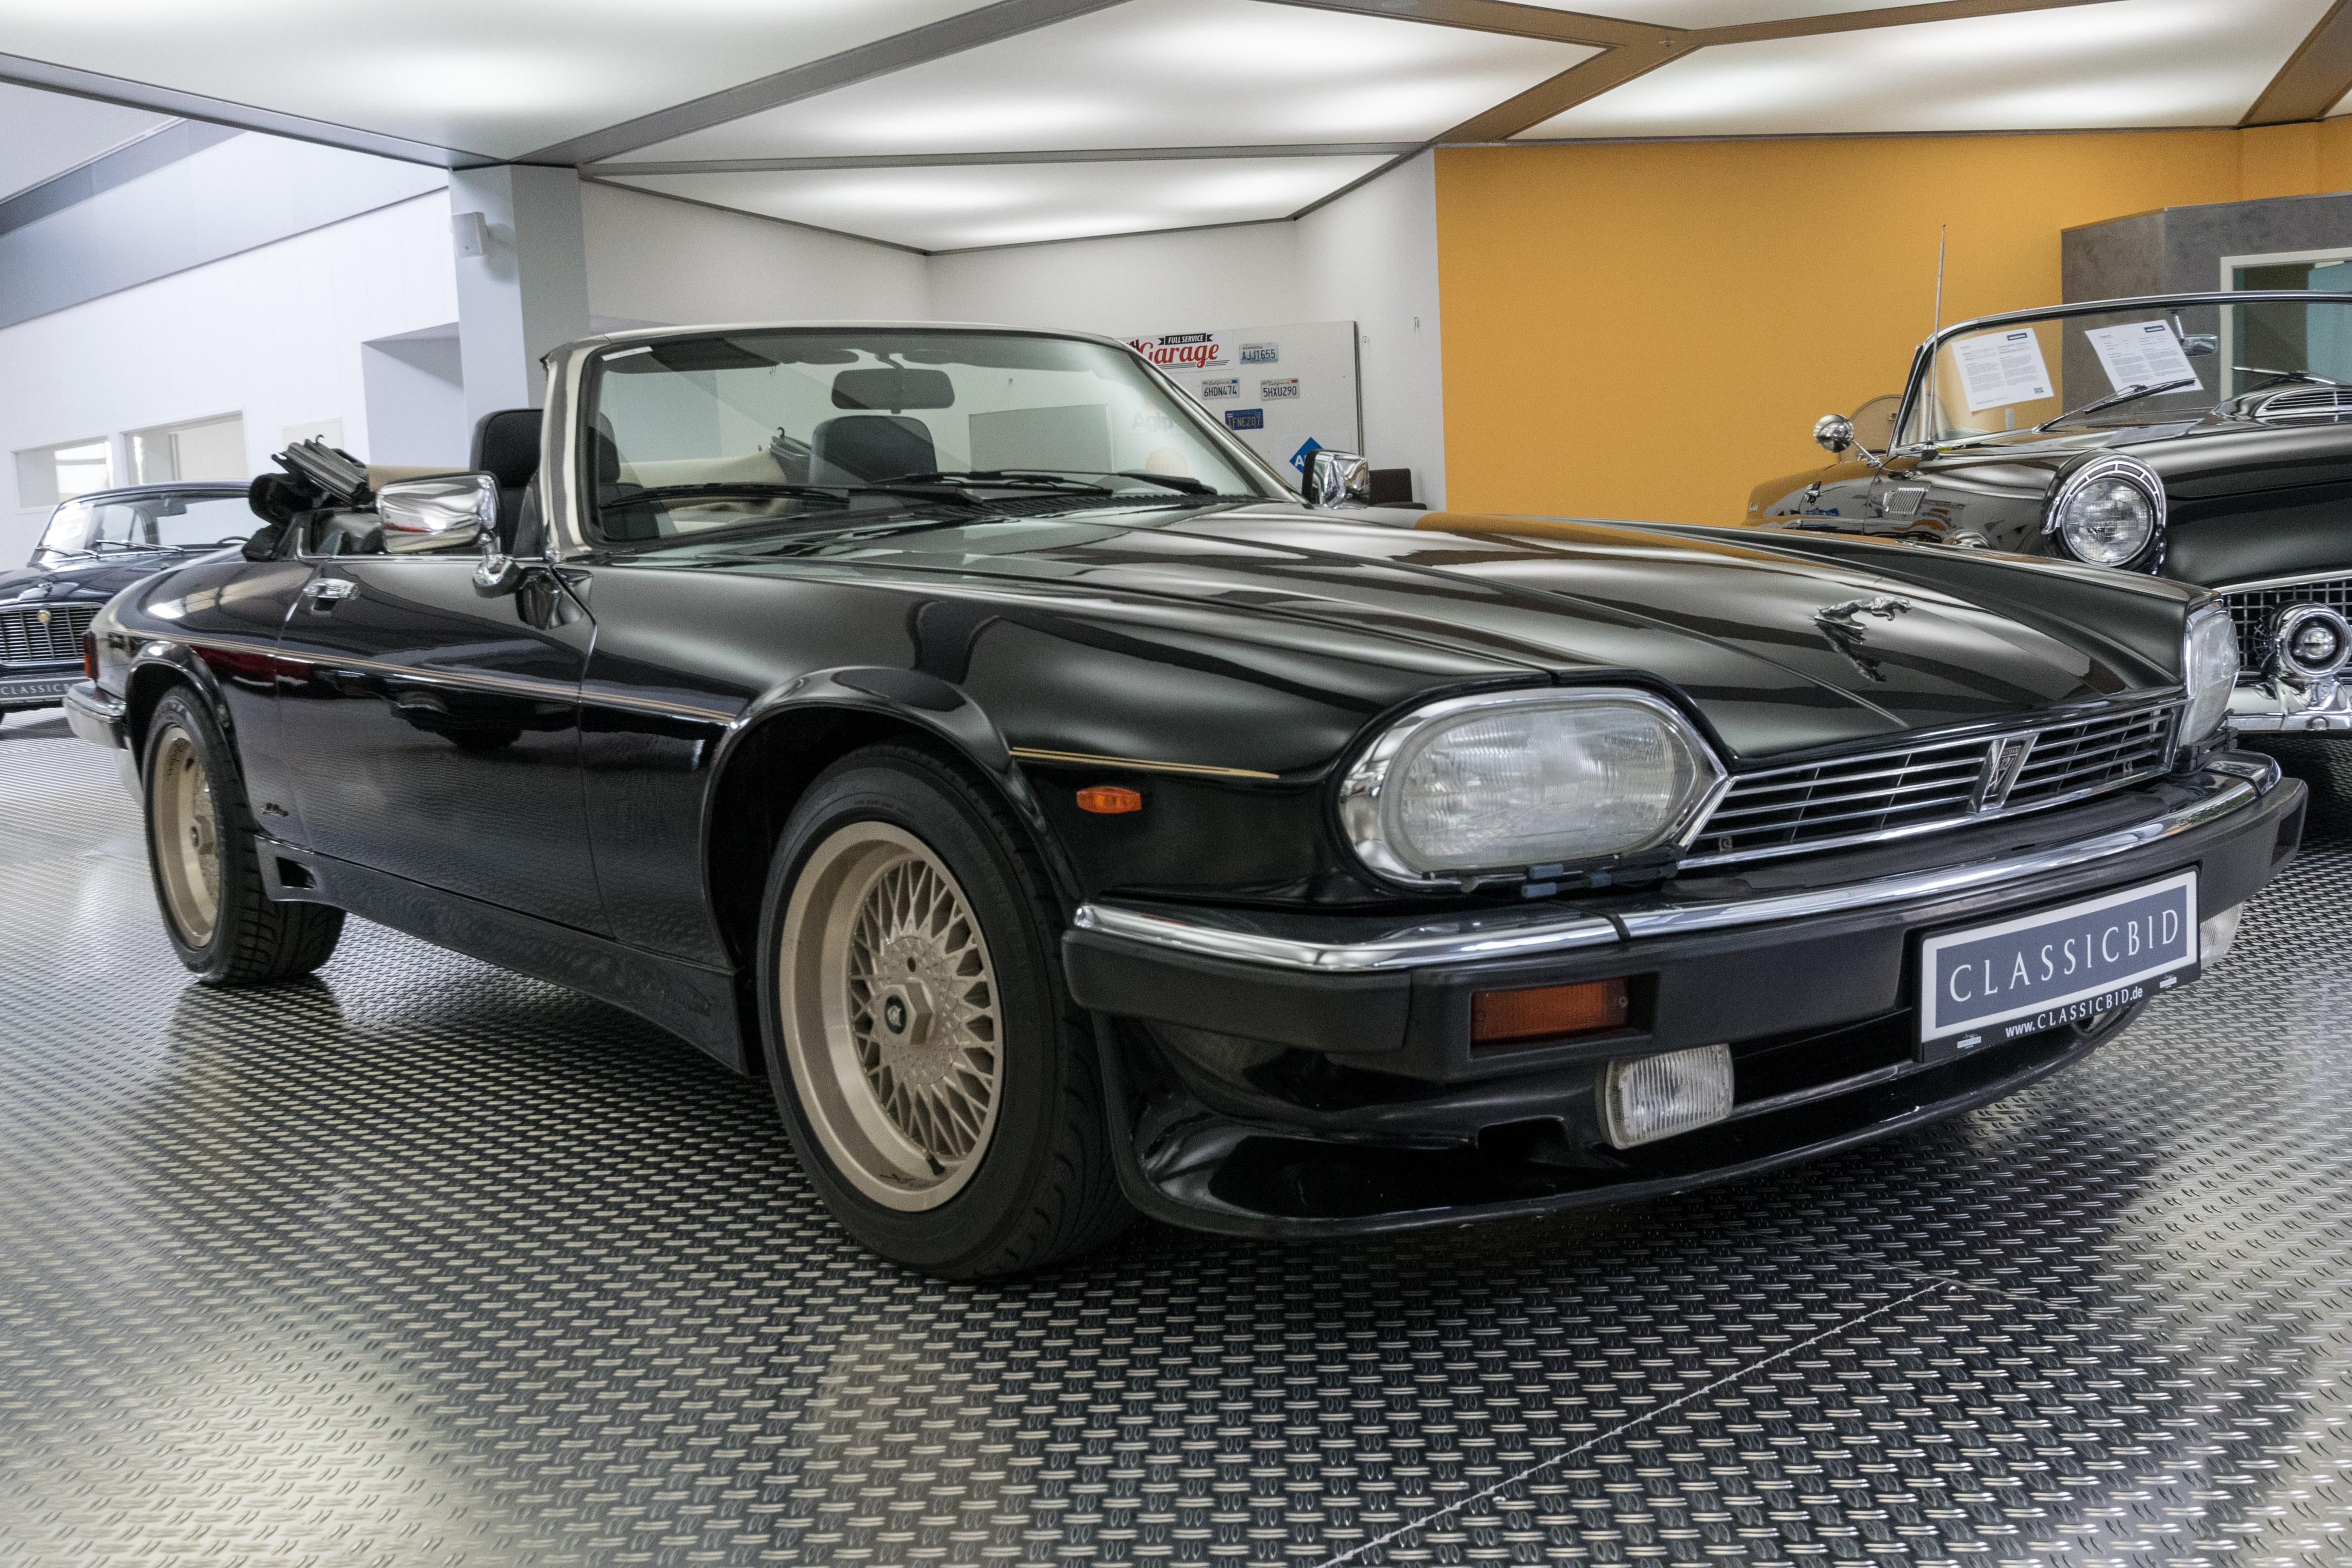 jaguar xjs cabrio classicbid. Black Bedroom Furniture Sets. Home Design Ideas